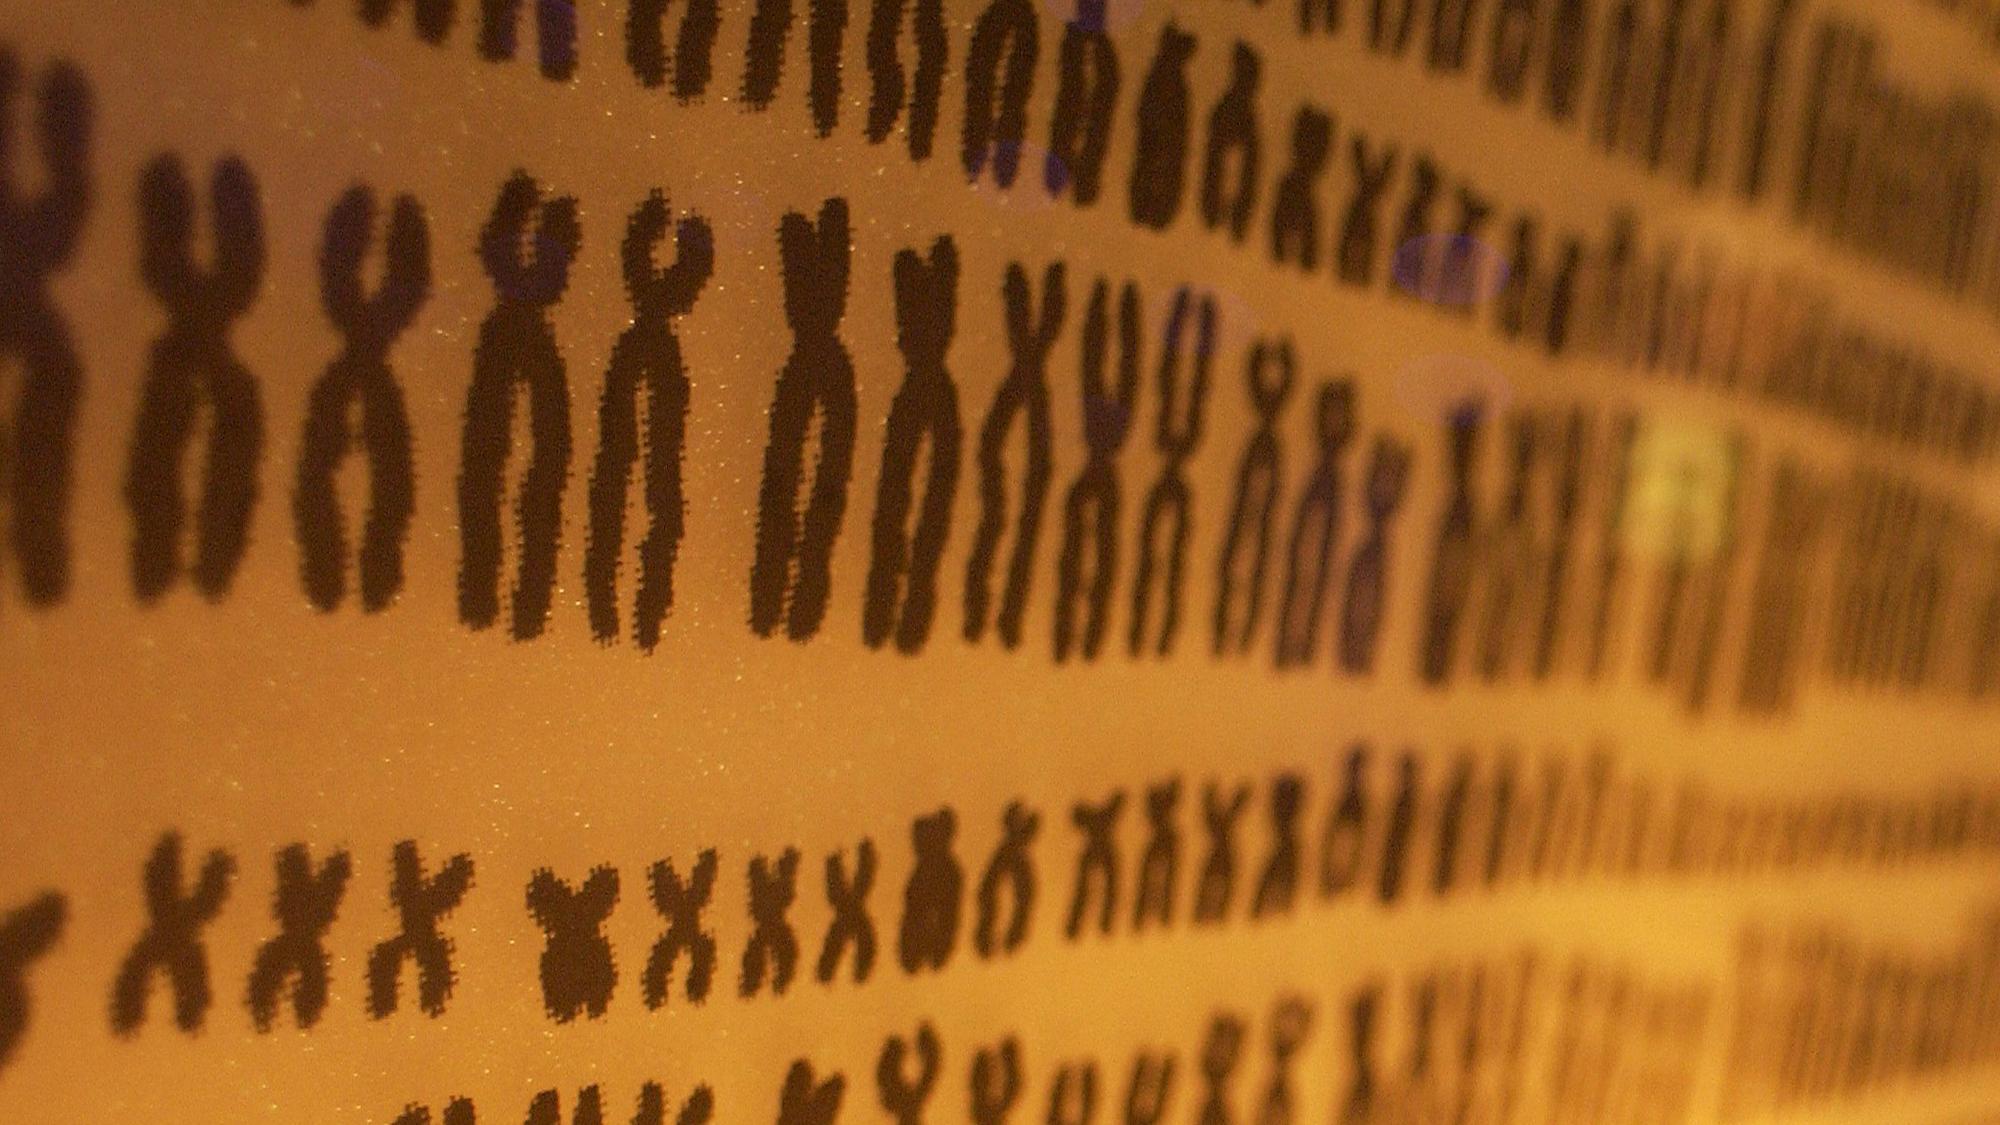 Les dones tenen dues còpies del cromosoma X, mentre que els homes tenen un cromosoma X i un Y. El petit cromosoma Y és la clau de per què els homes tenen més risc de càncer. Foto de Kate Whitley CC-BY.